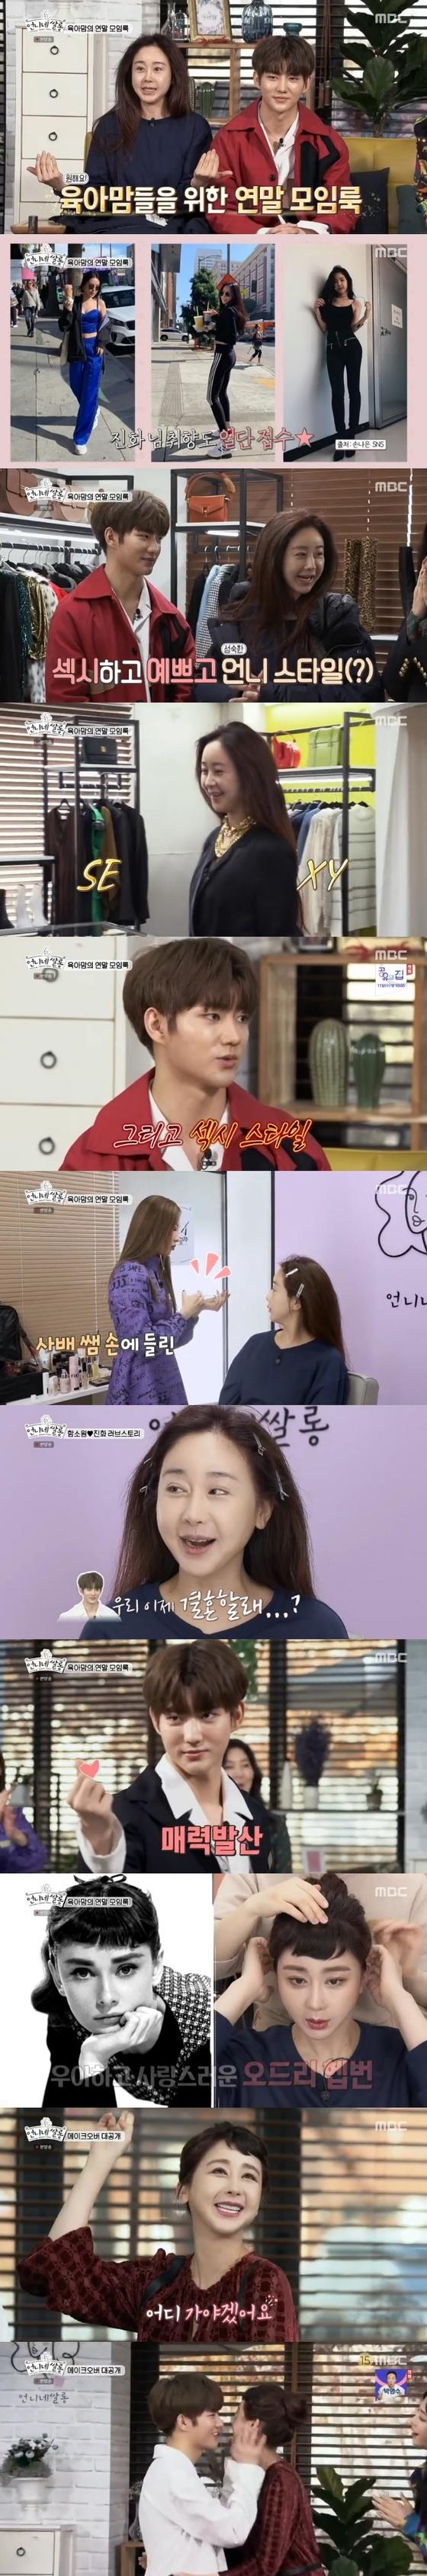 """'언니네 쌀롱' 함소원, 리즈 시절 되찾았다…진화 """"아름다워"""" 뽀뽀♥(종합)"""